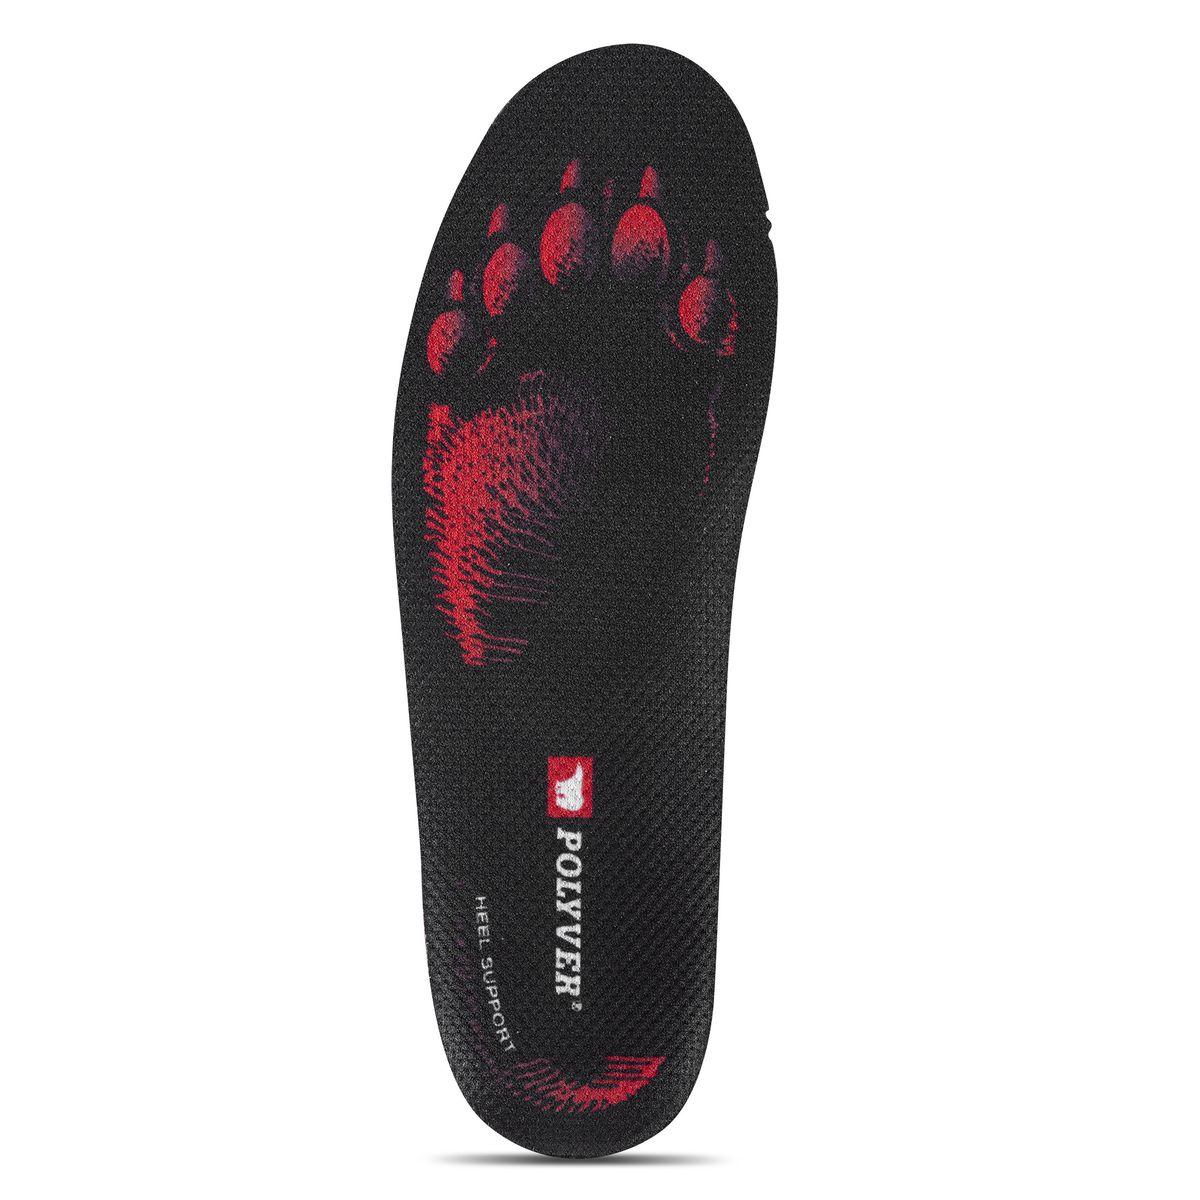 Стельки мужские POLYVER PREMIUM, цвет: красно-черный. Размер: 46-48AM-INSO-4Термоизоляционные стельки Polyver отлично защищают ноги от холода при этом отводя лишнюю влагу. Стельки состоят из трех слоев: впитывающий влагу, амортизационный, термоизоляционный. Комфорт: - анатомическая форма с поддержкой пятки - стабилизация стопы для уменьшения боли с суставах - повышает устойчивость и уменьшает усталость - производятся только в Швеции